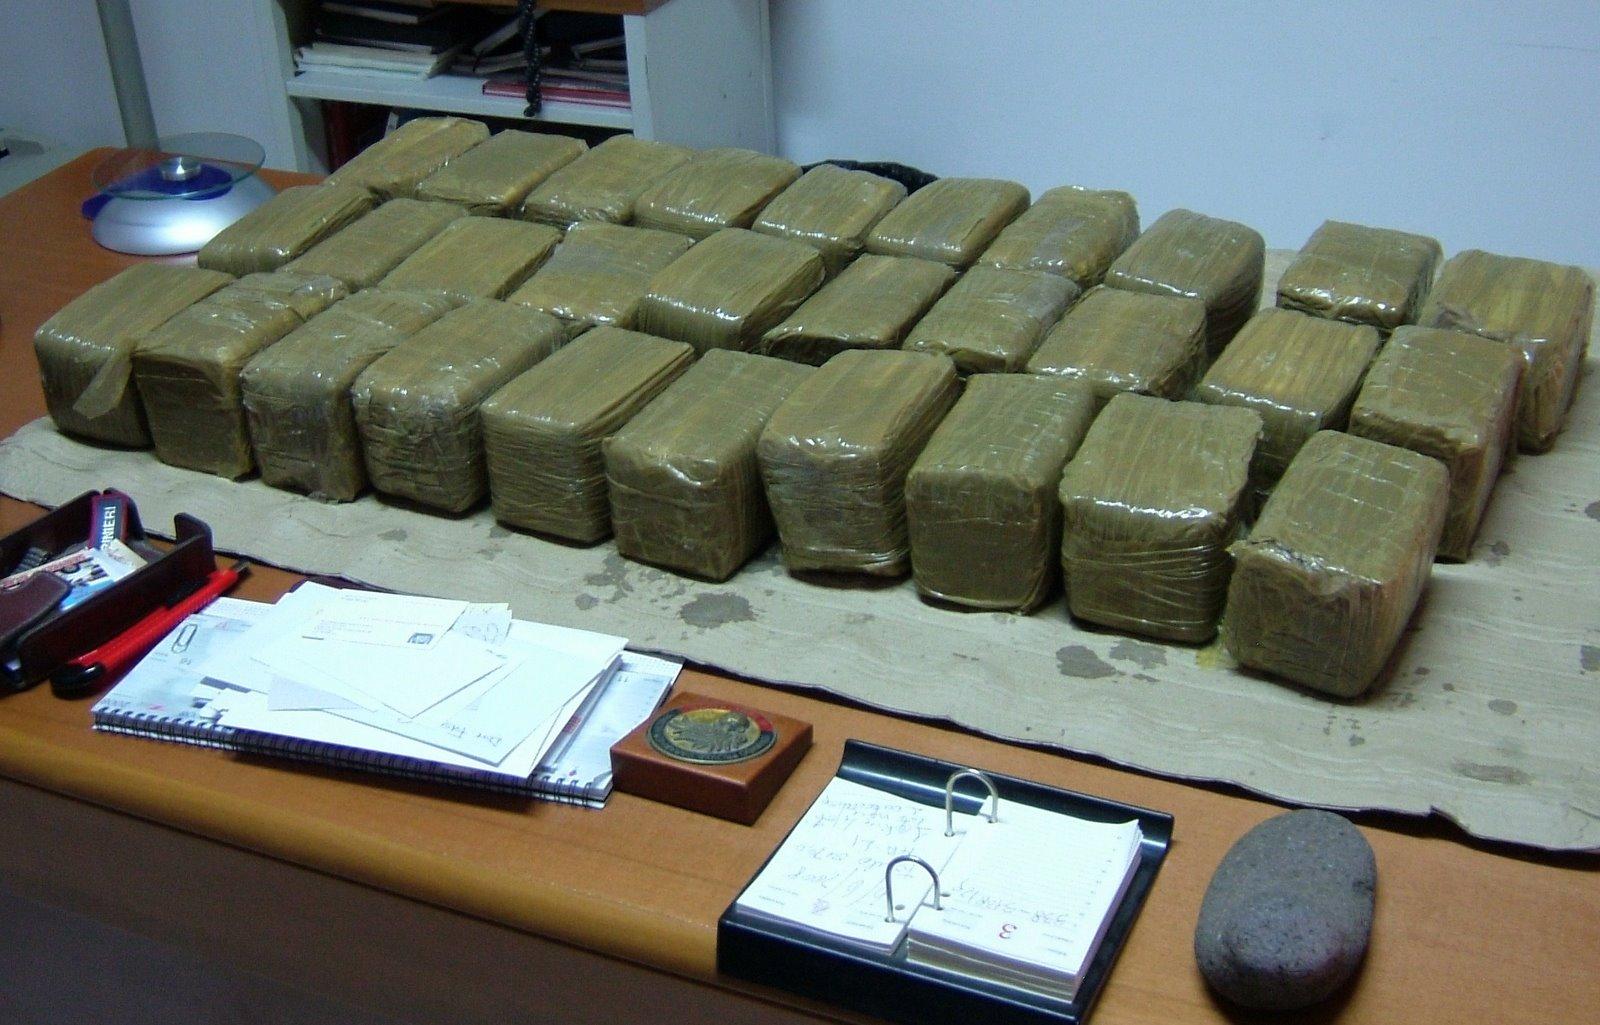 Droga 20 arresti in tre regioni italiane tra le accuse c for Arresti a poggiomarino per droga